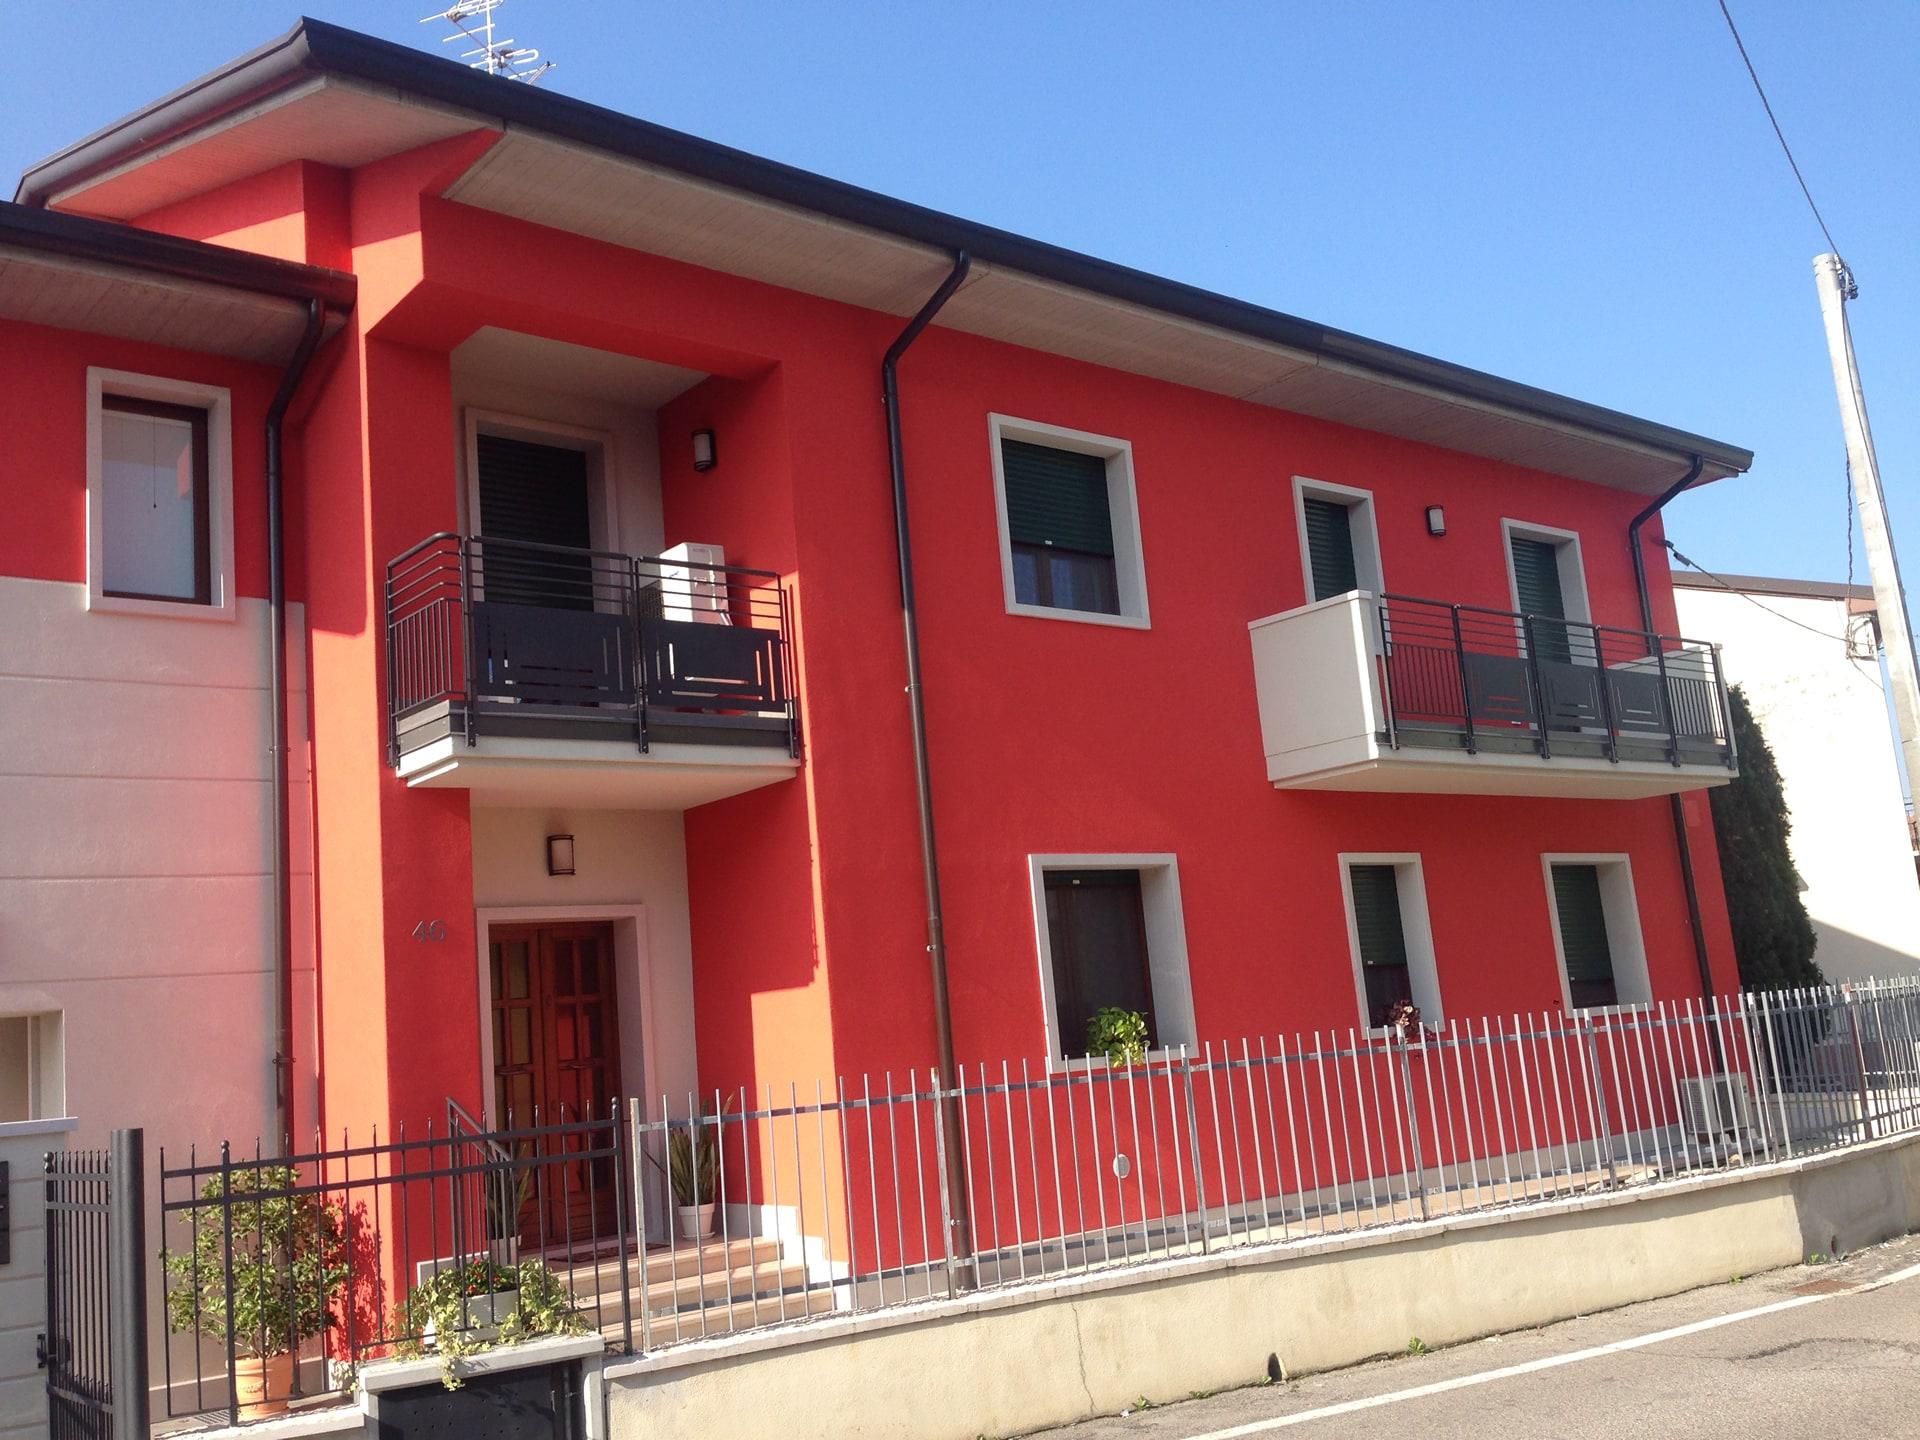 ampliamento-ristrutturazione-fabbricato-residenziale_5